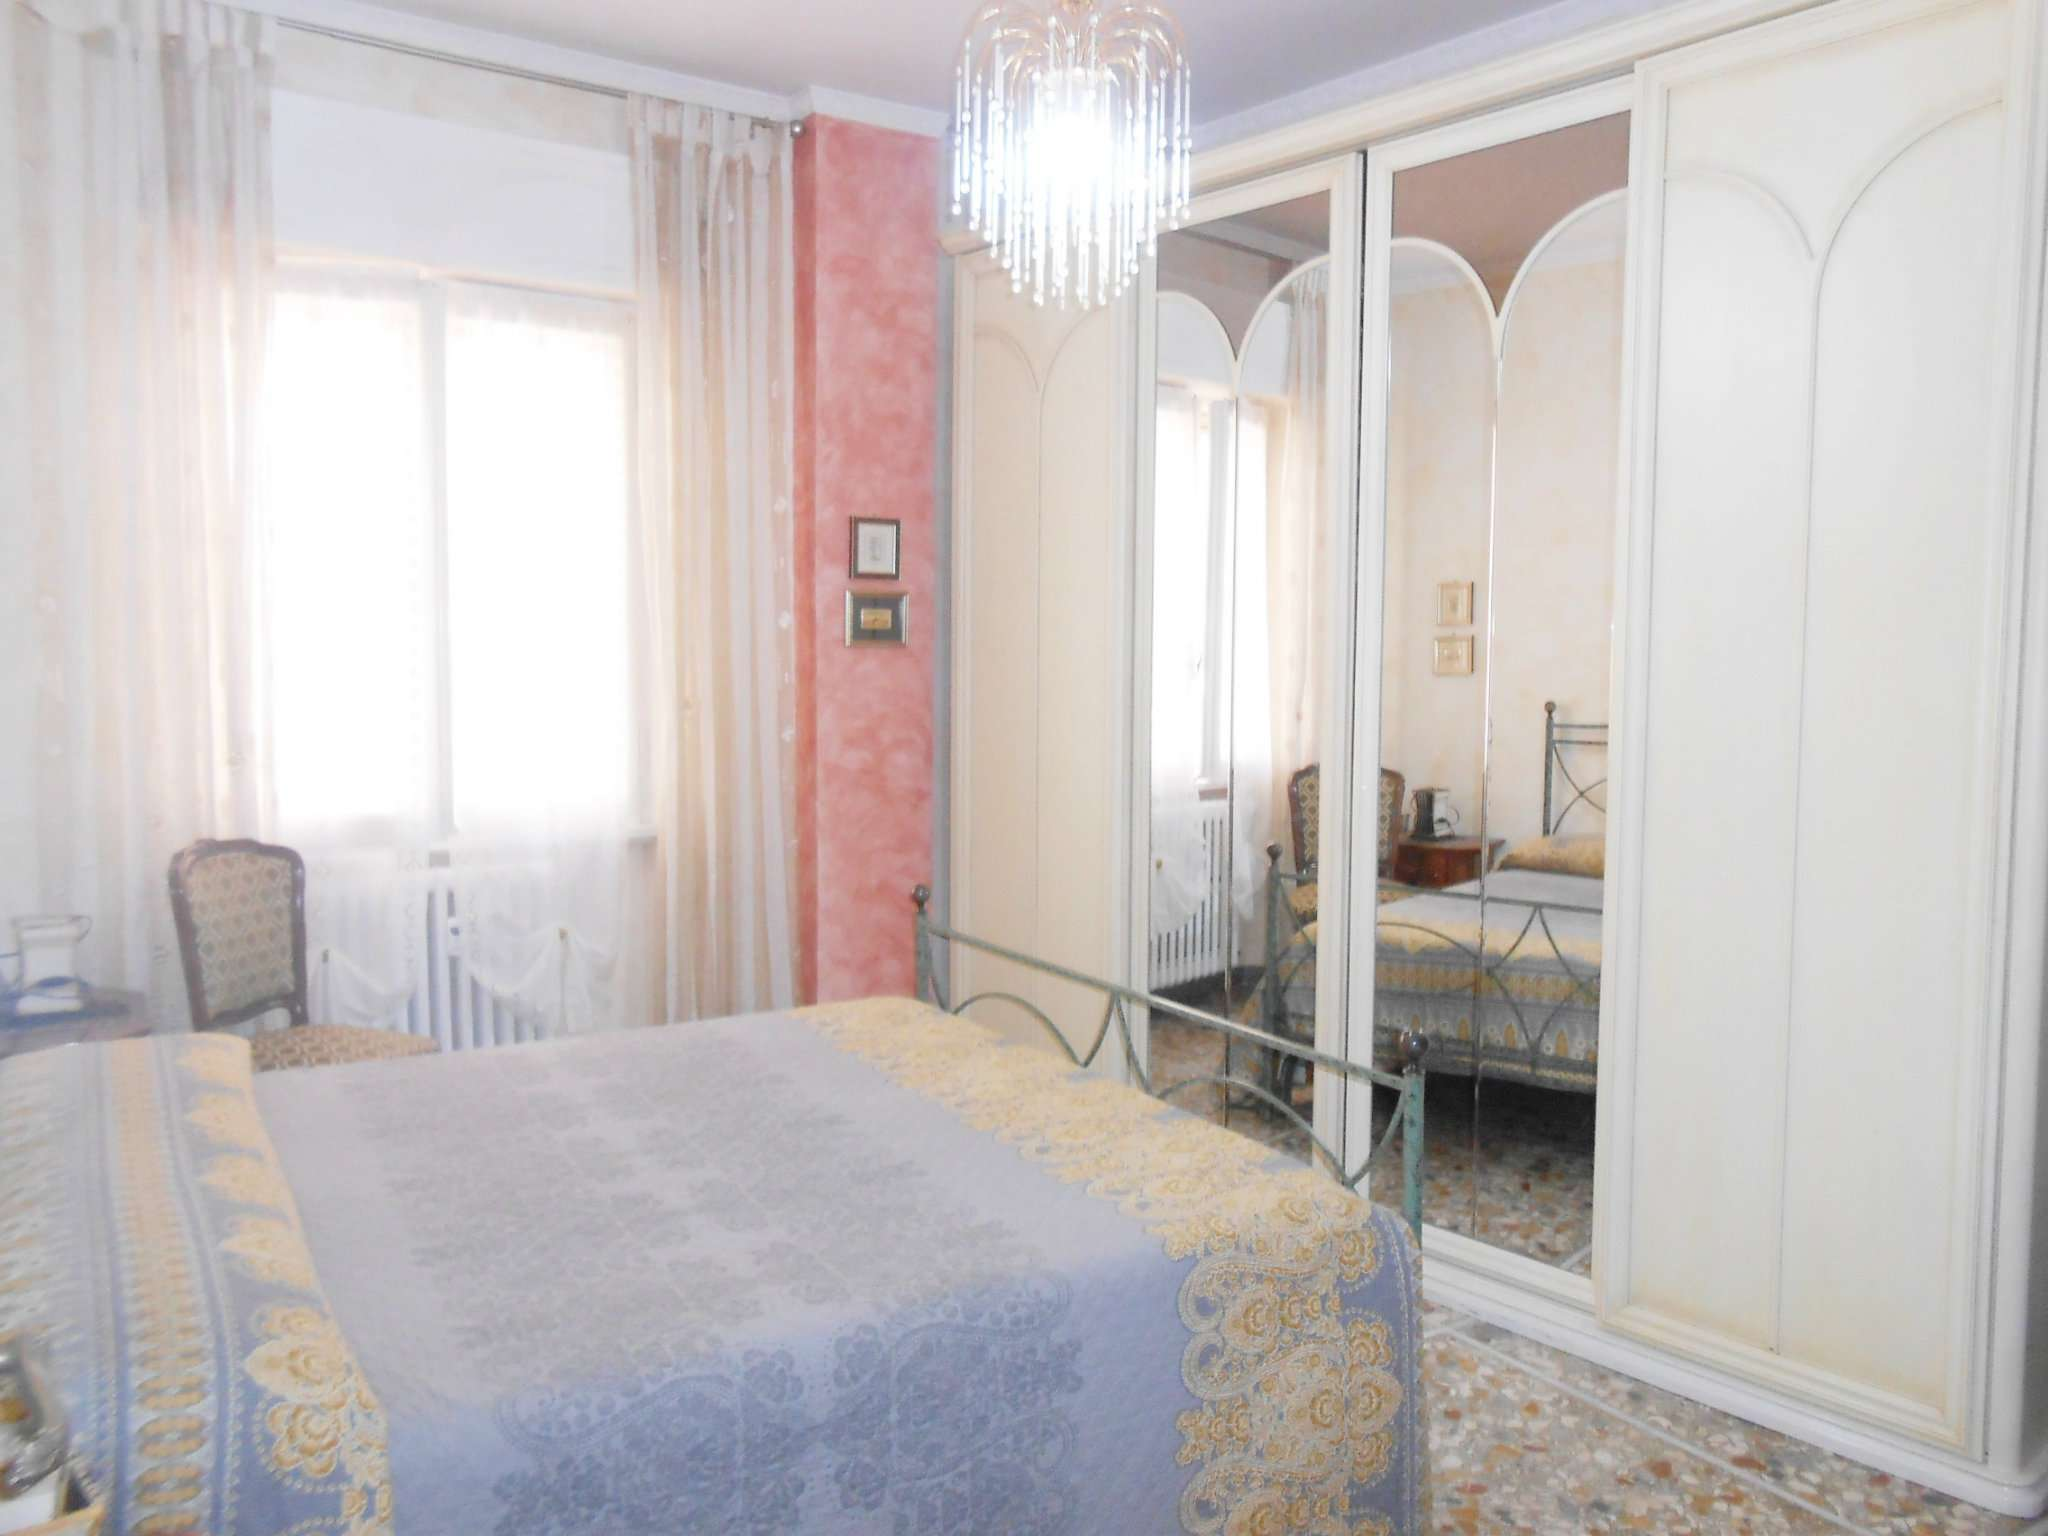 Appartamento in vendita a Roma, 3 locali, zona Zona: 10 . Pigneto, Largo Preneste, prezzo € 210.000 | CambioCasa.it